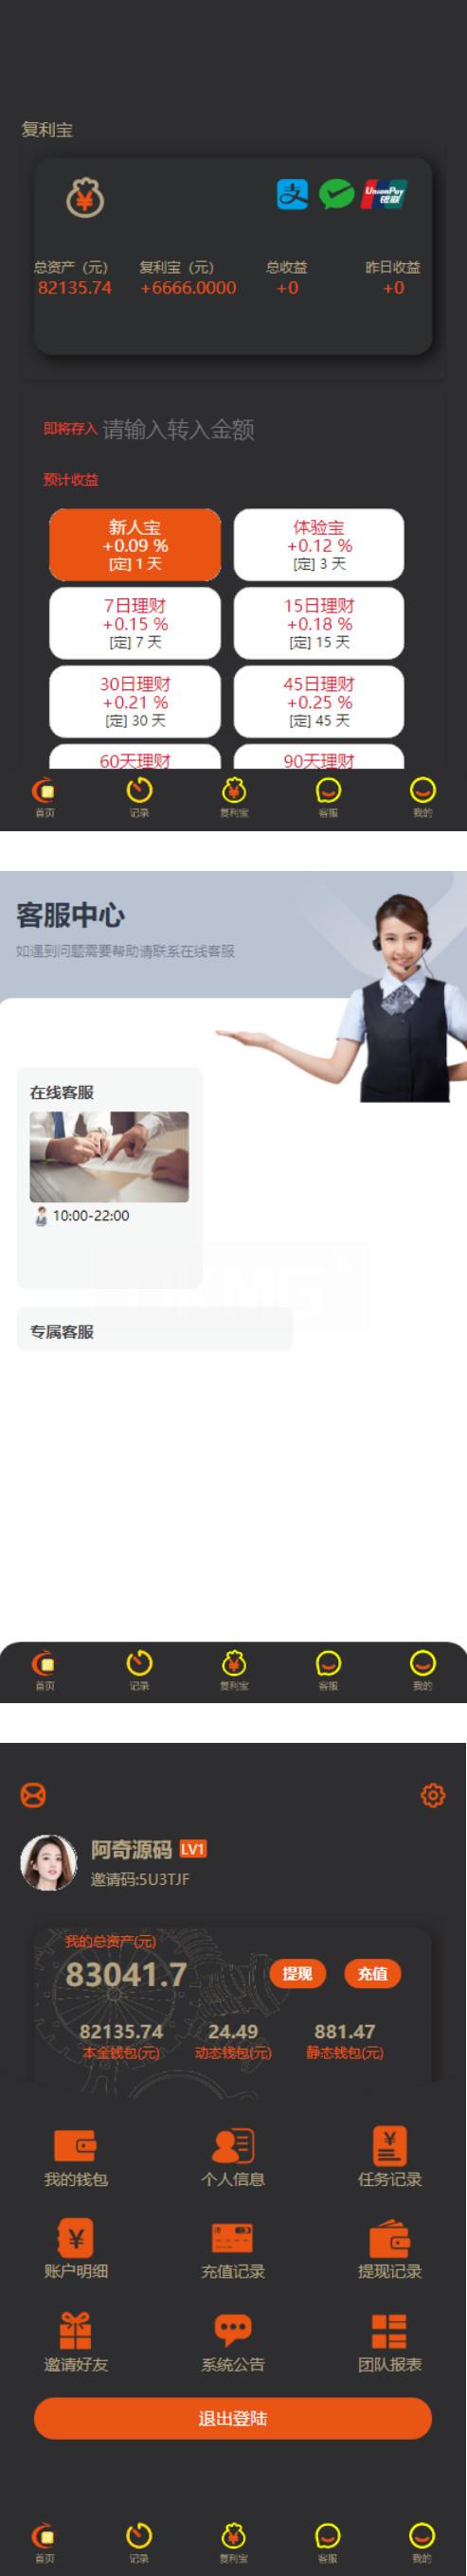 拉拉米抢单发单系统源码+二开ui带视频介绍+ 放量功能